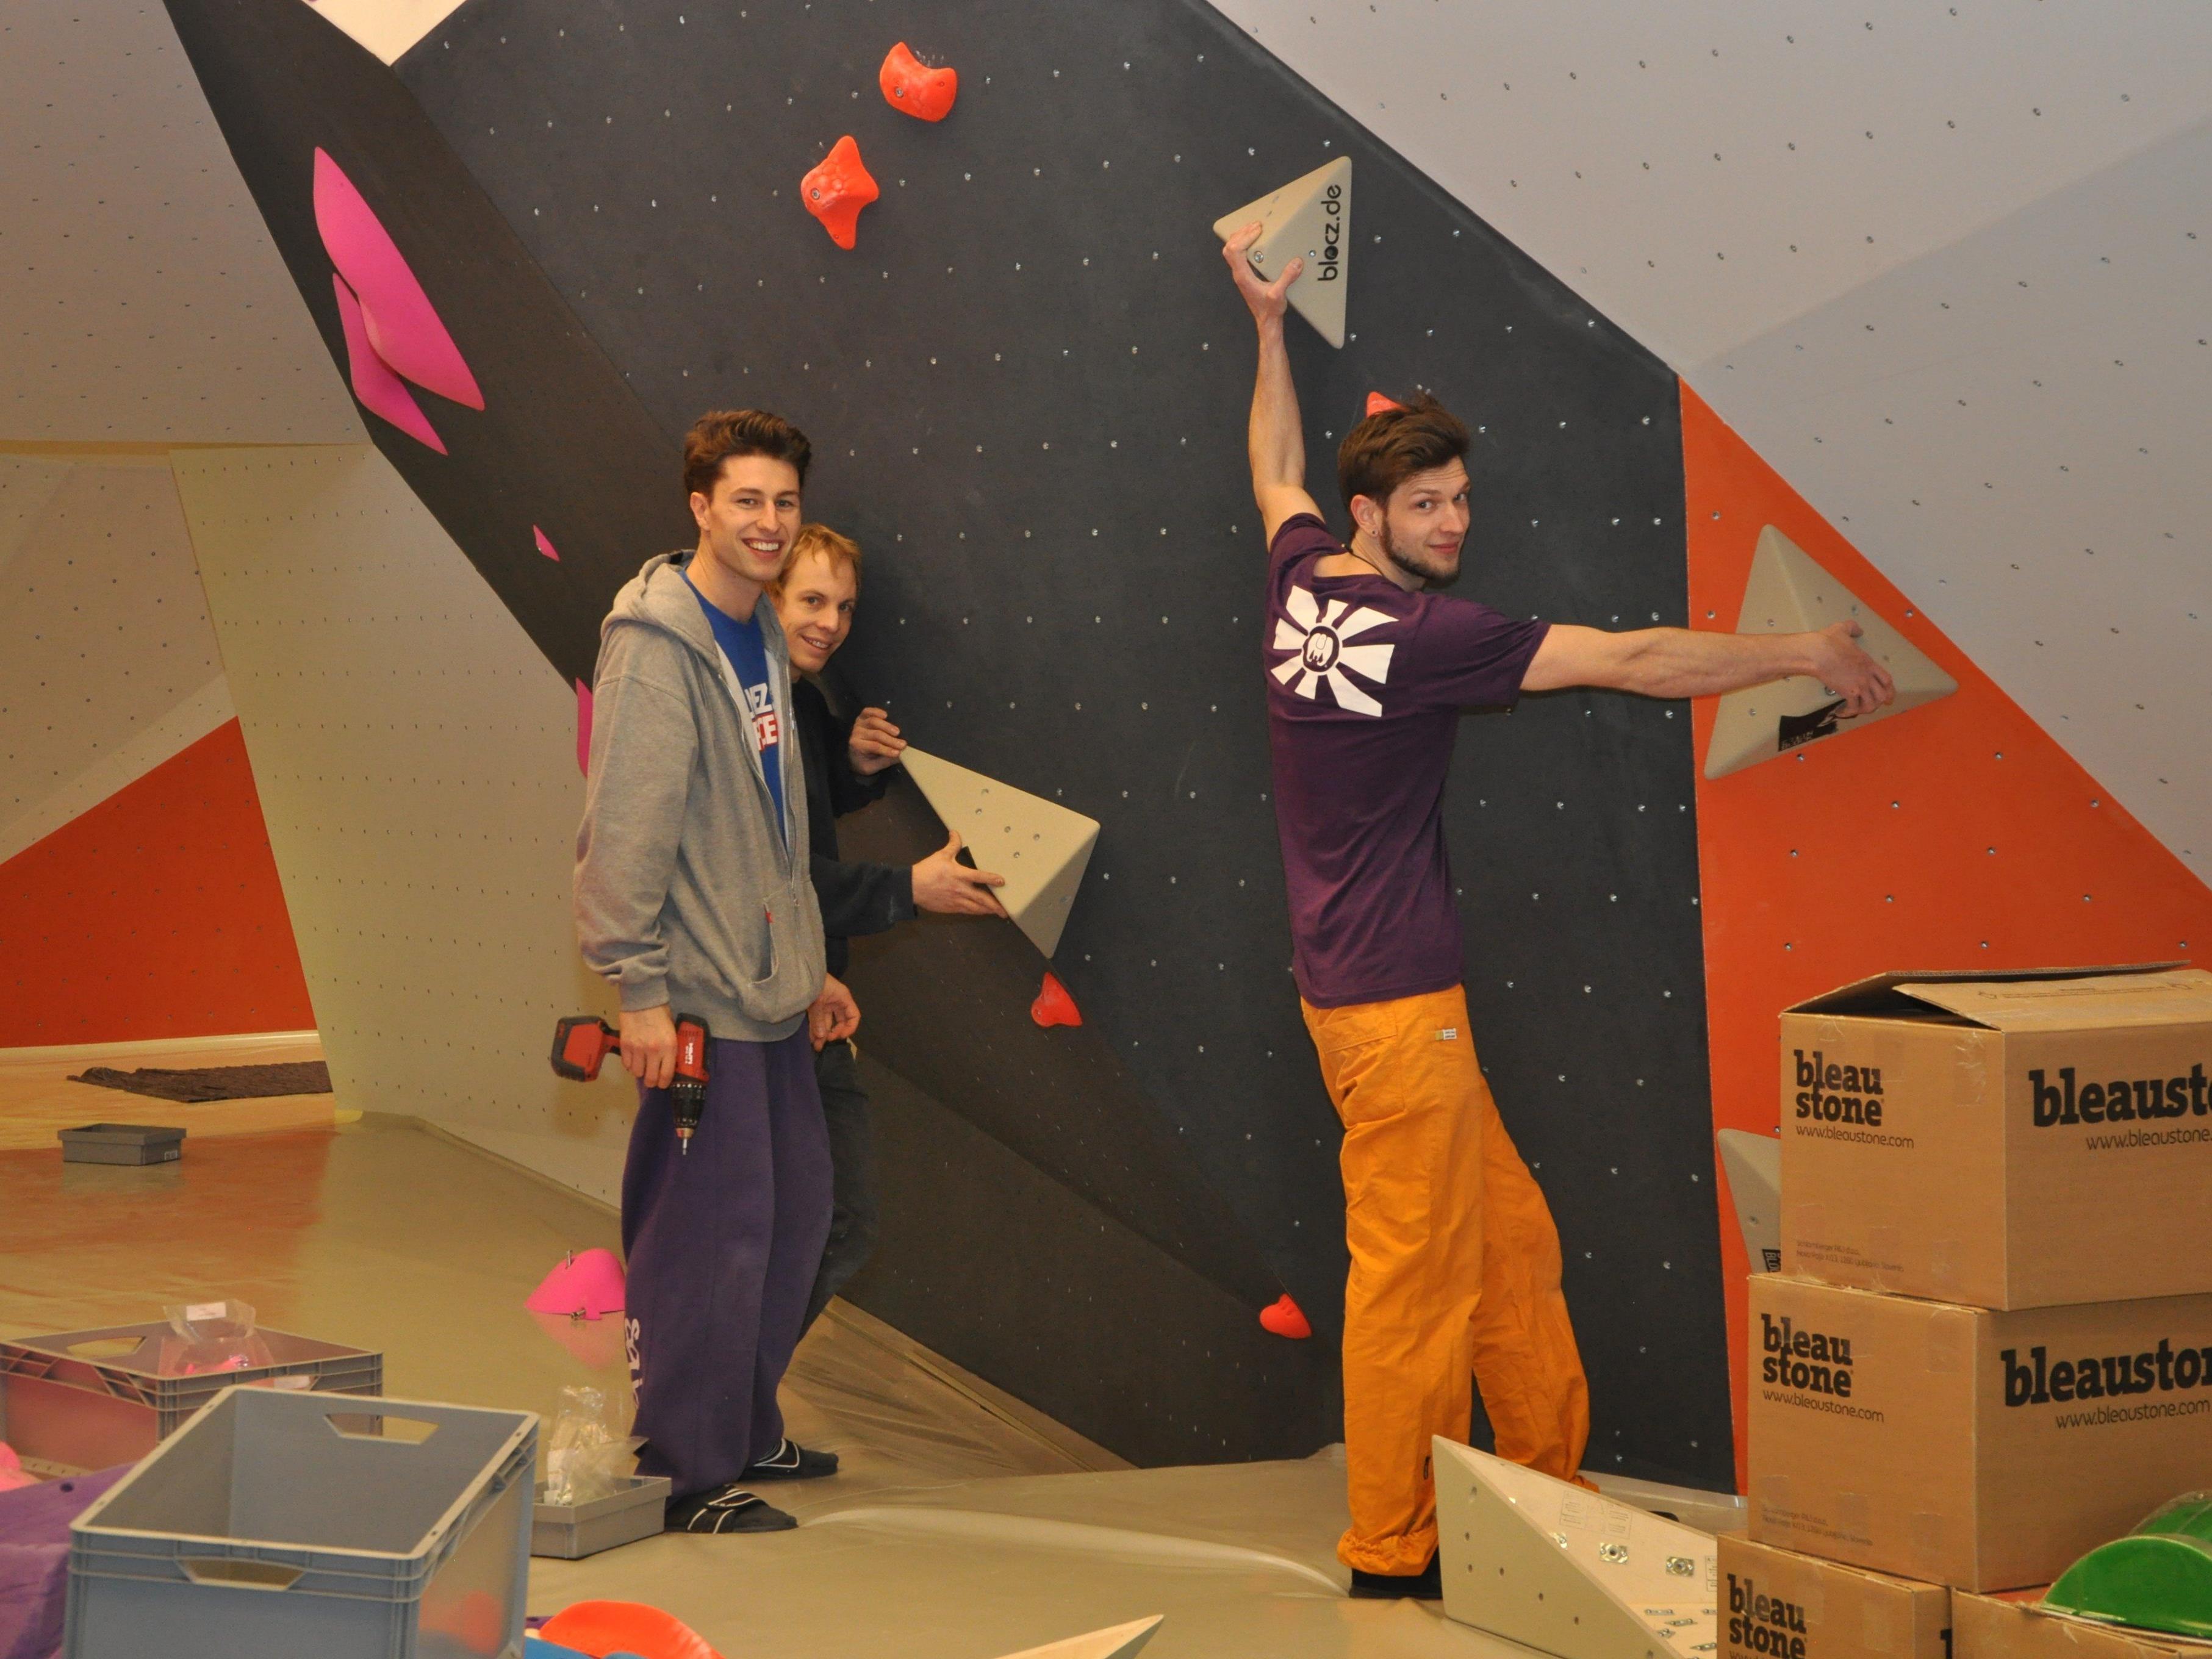 In der Rankweiler Boulderhalle im Gewerbepark werden die letzten Arbeiten erledigt. Guntram Jörg und seine Partner errichten die rund 100 Kletterrouten.